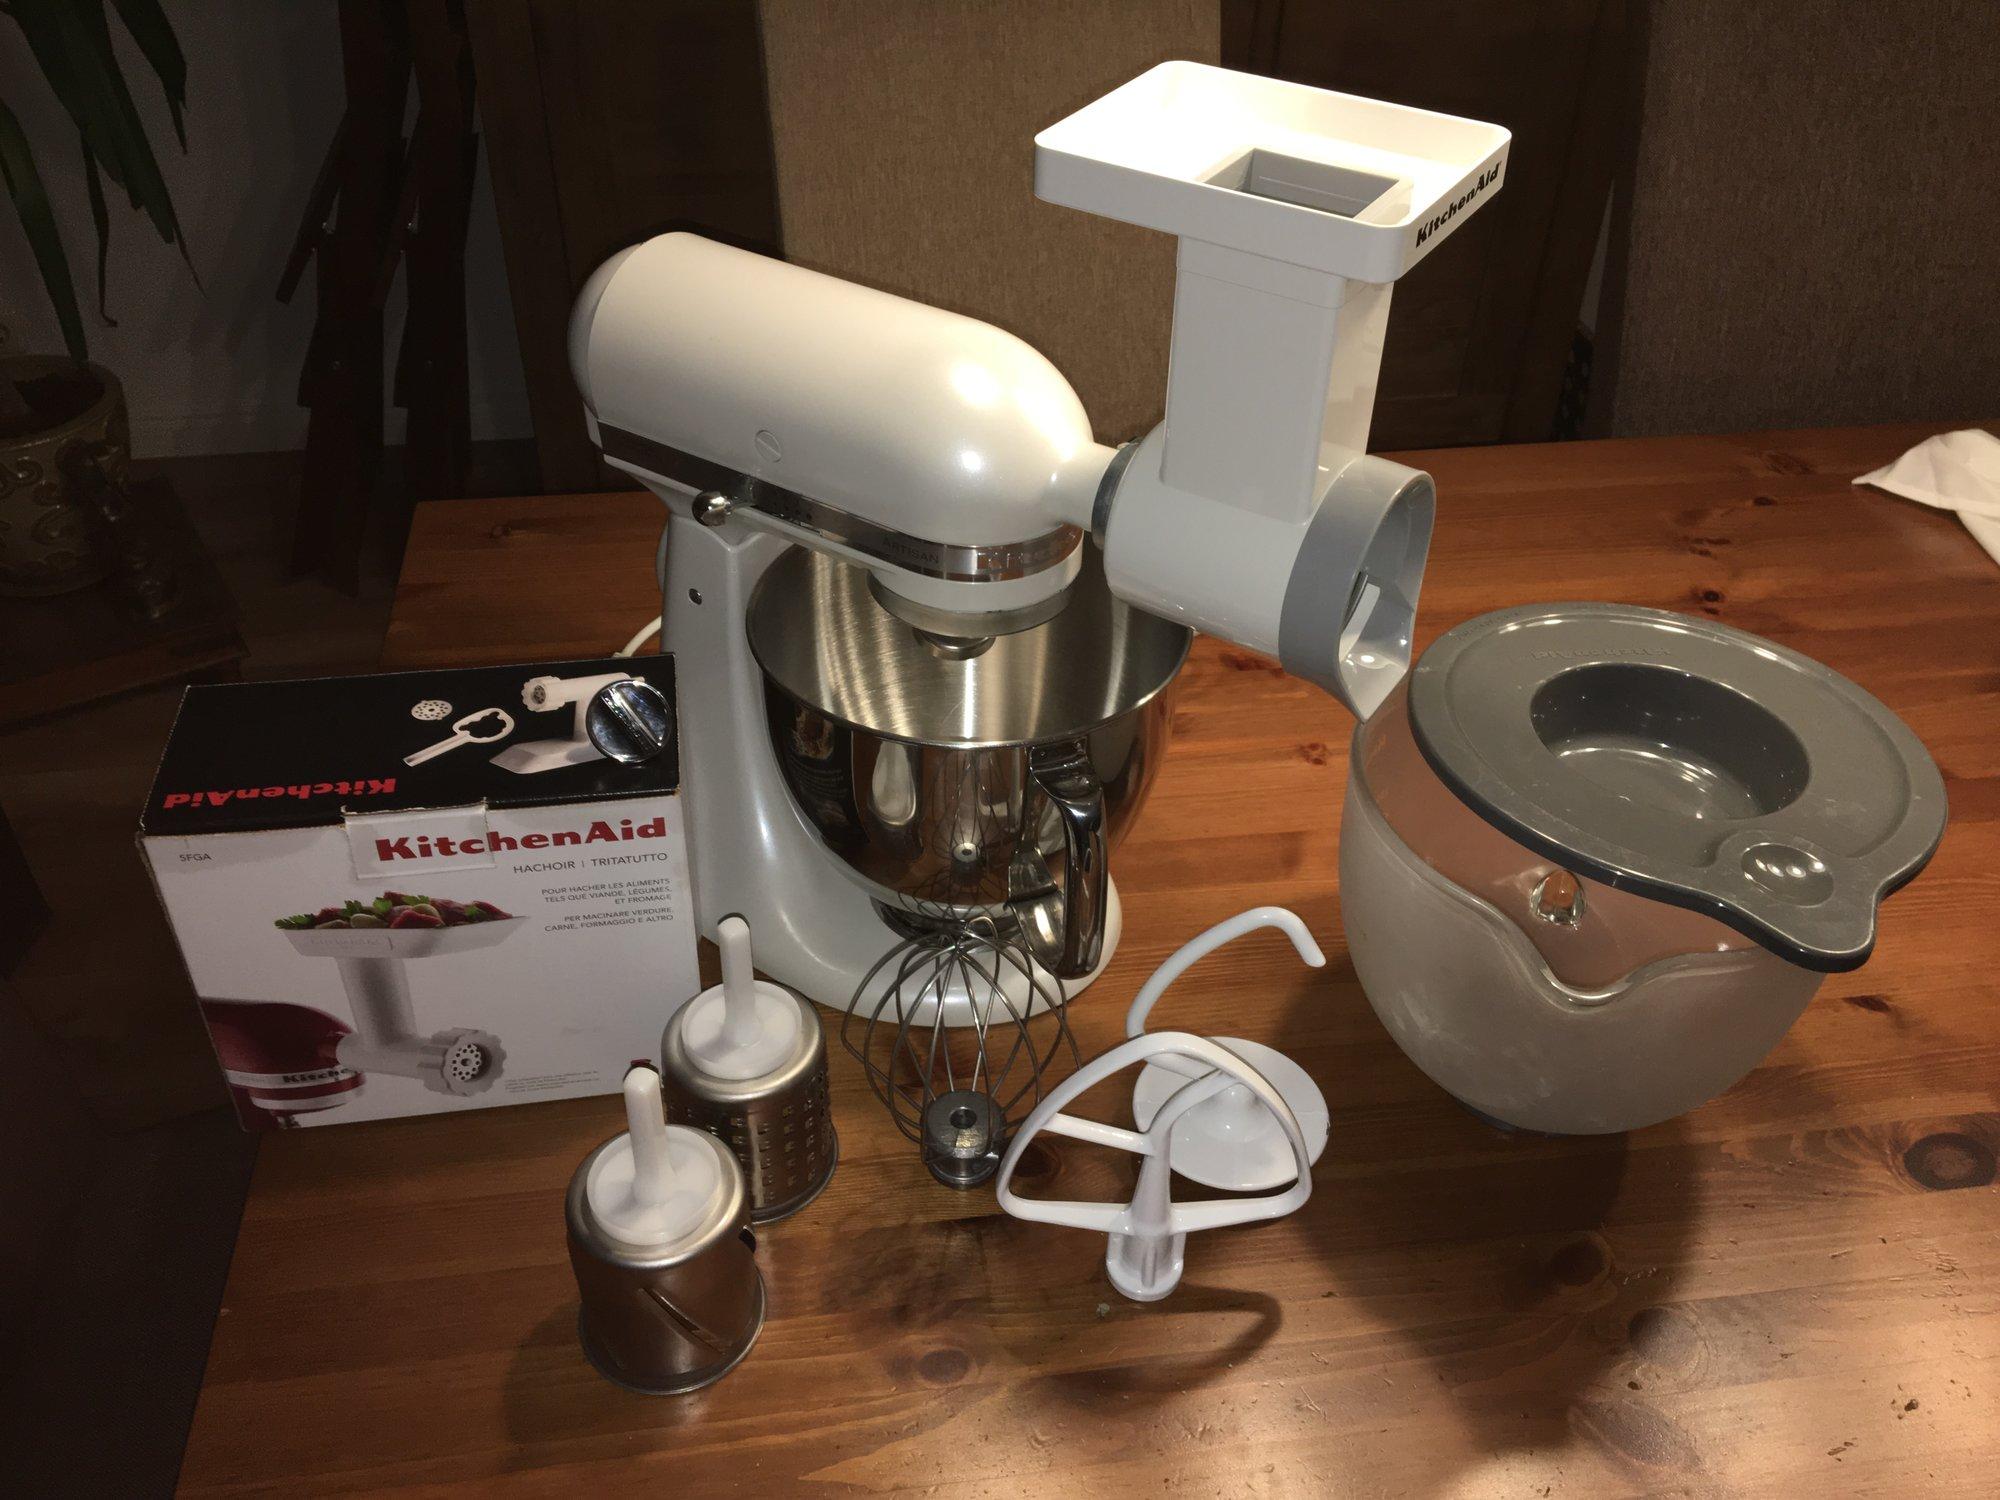 Verkaufe] - Kitchenaid Artisan Küchenmaschine Frosted Pearl ...